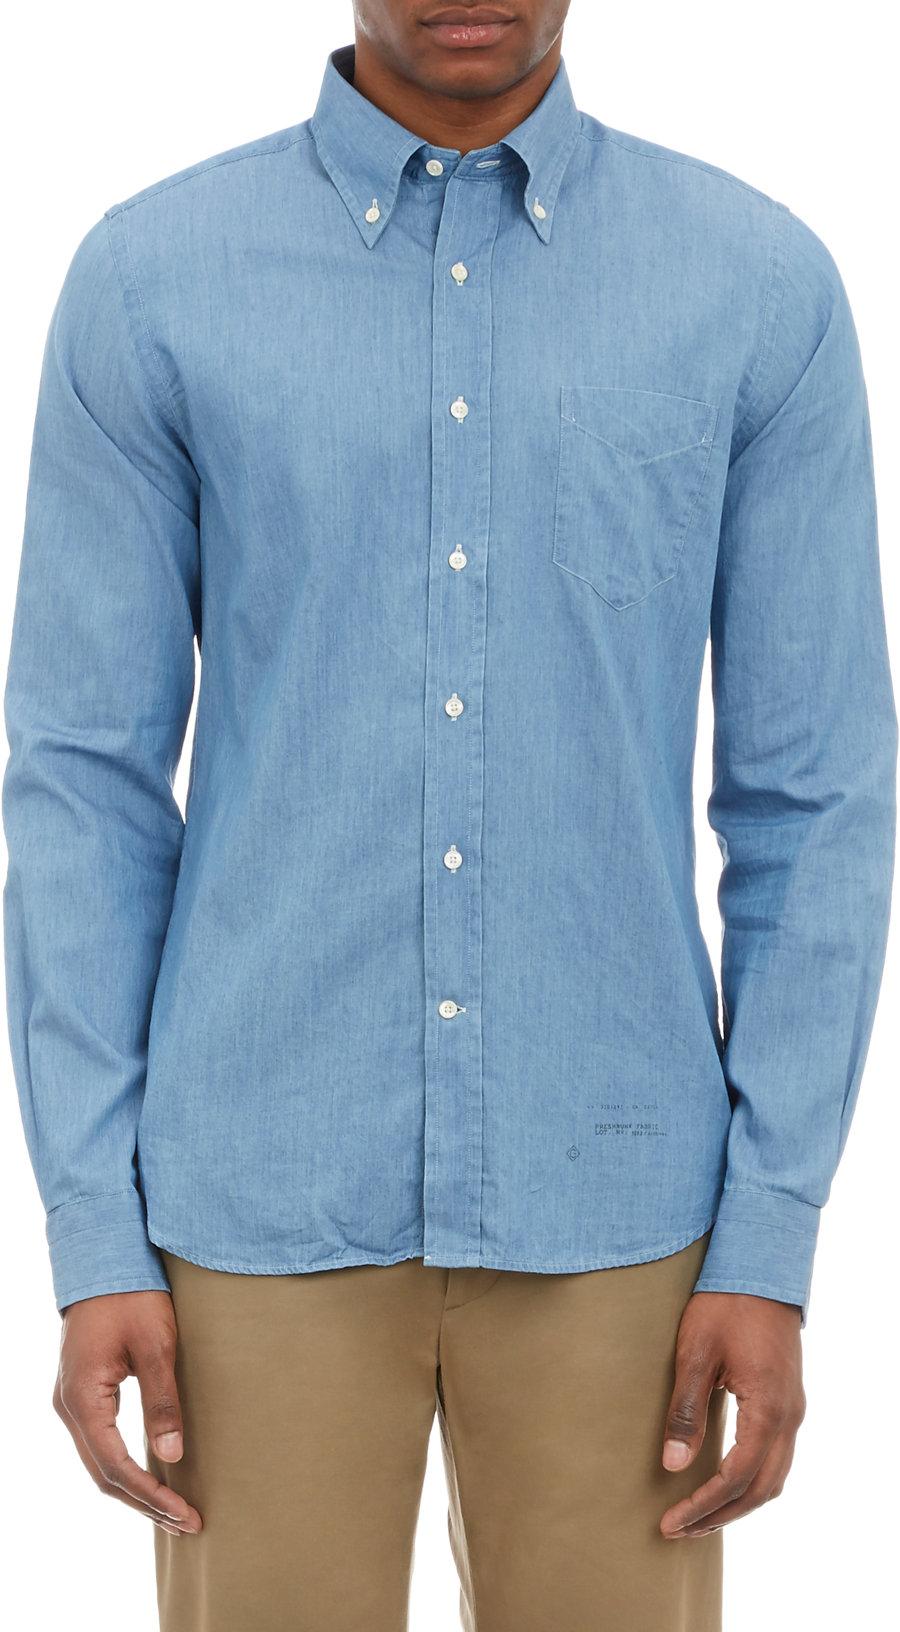 32618e0f9ea Gallery. Previously sold at: Barneys Warehouse · Men's Chambray Shirts